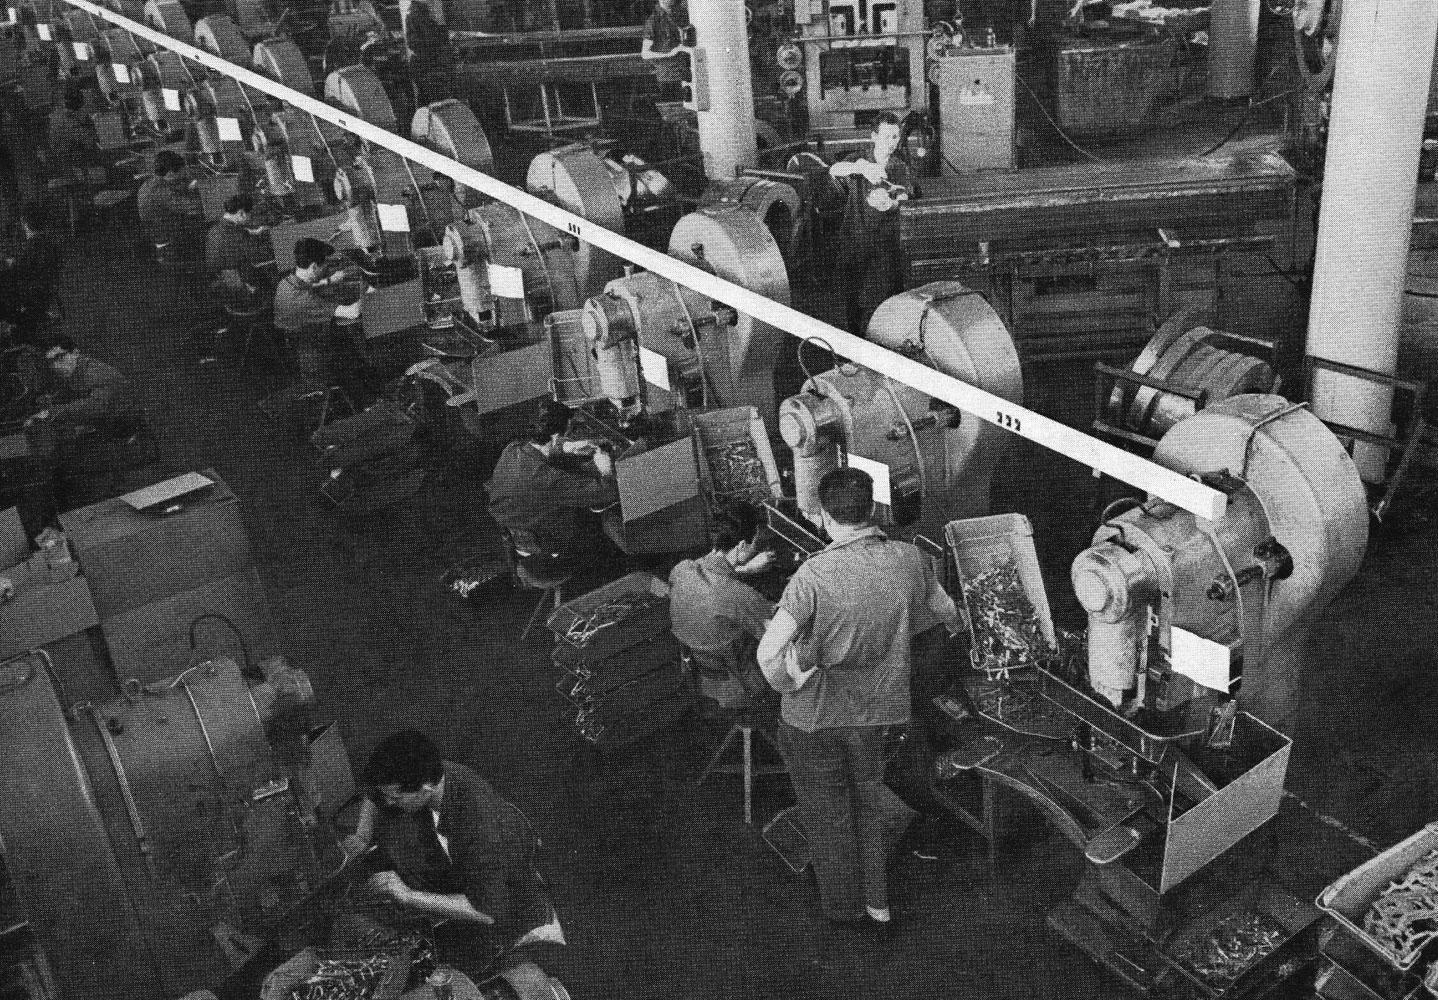 Stabilimento Olivetti di Pozzuoli - Reparto Presse: gli operai al lavoro con l'attrezzatore in piedi e alcuni macchinari inoperosi.